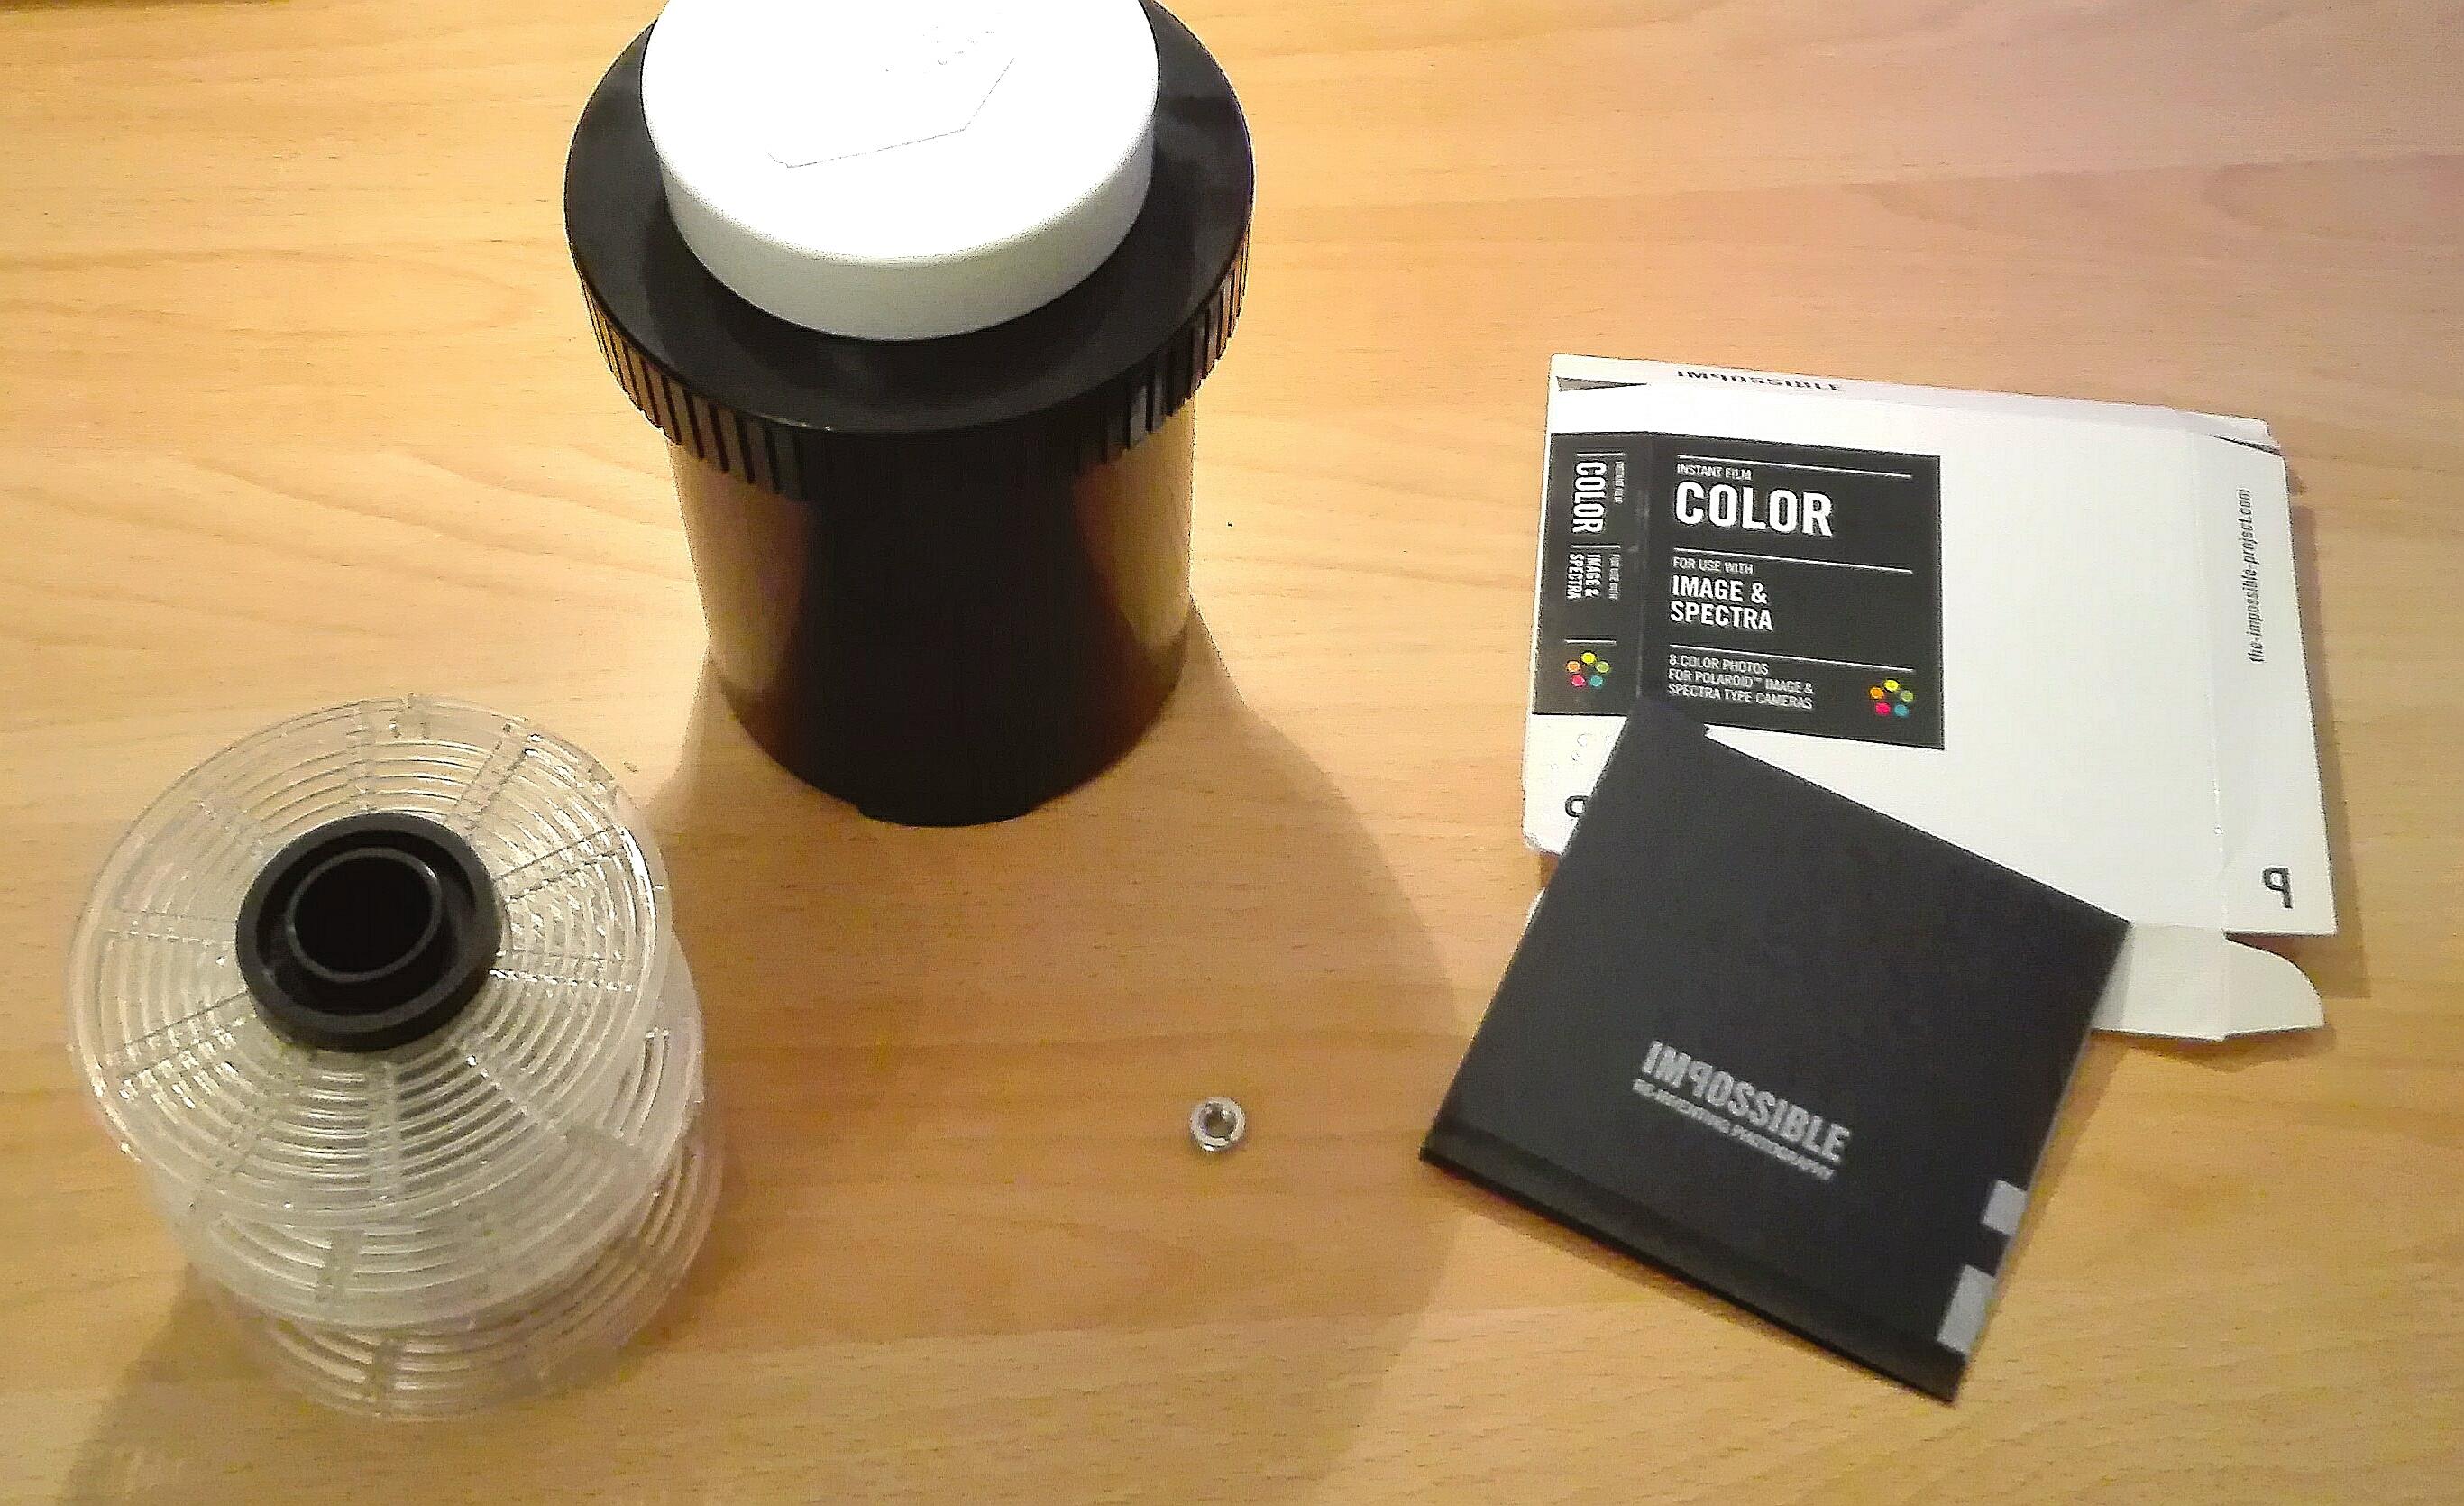 Kleine Shoppingtour: Entwicklungstank, Stativadapter und Polaroid!